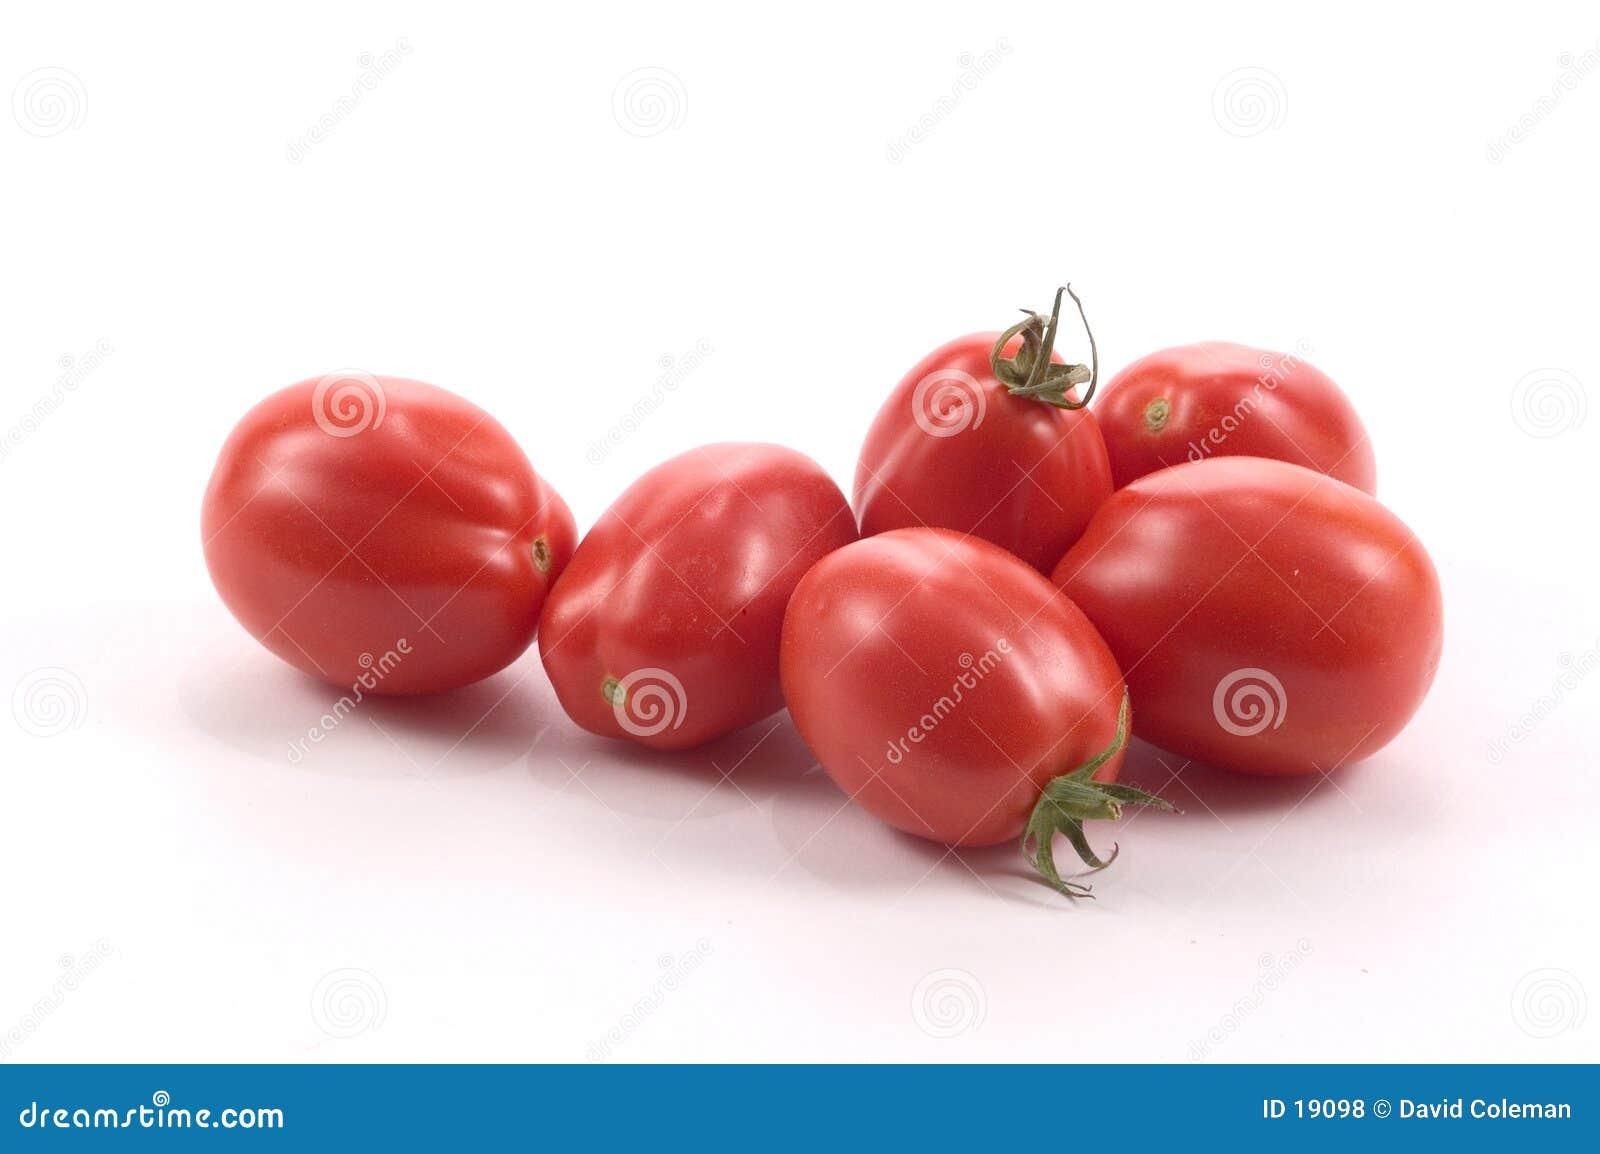 Rom-Tomaten